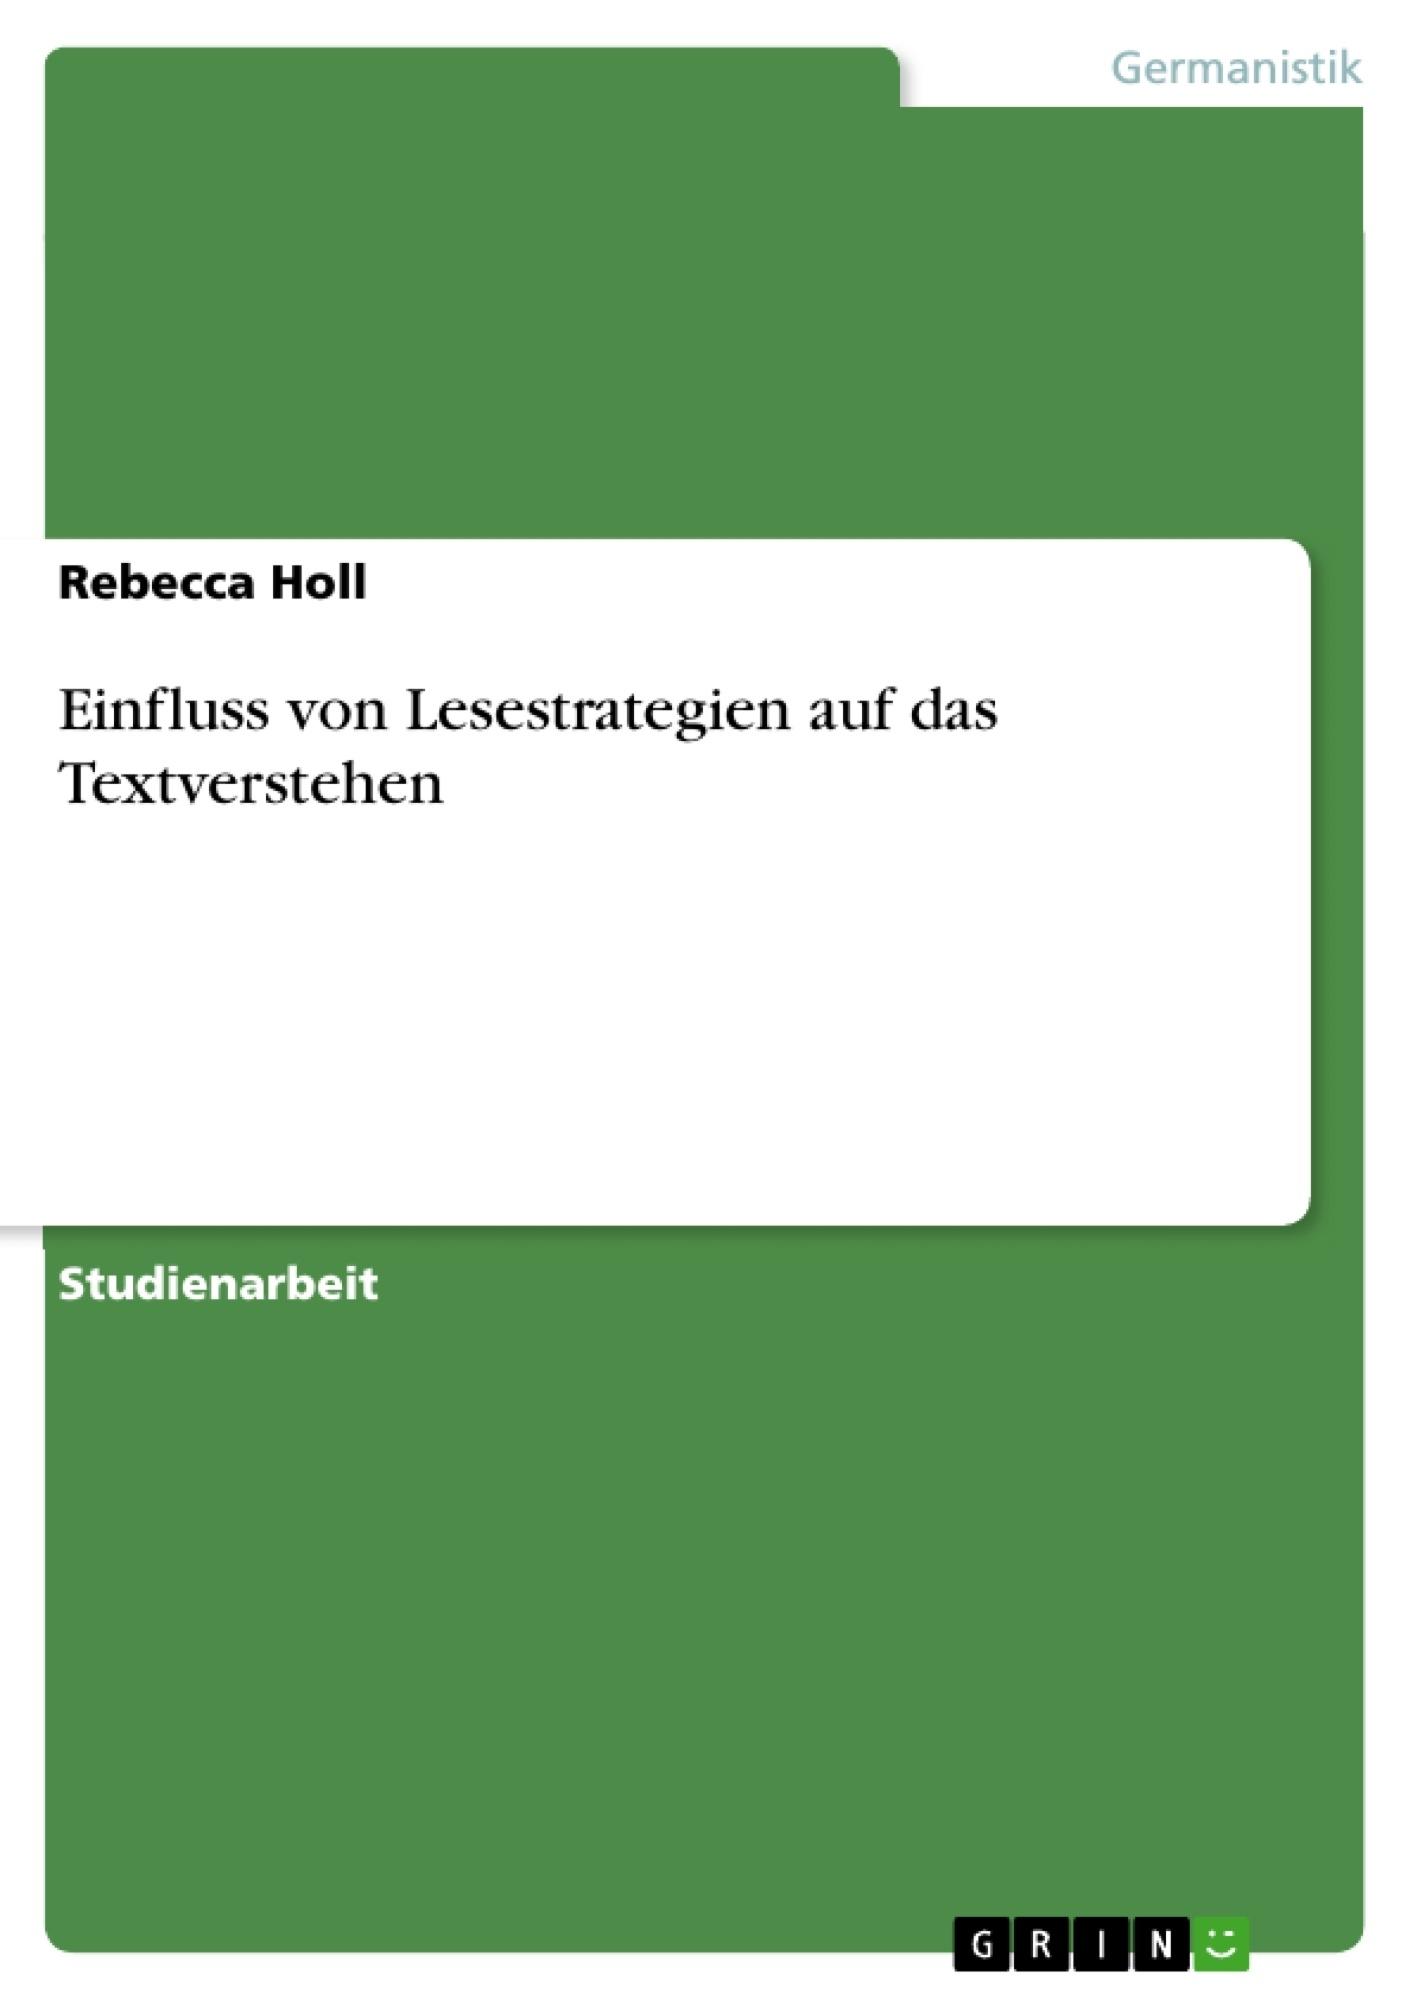 Titel: Einfluss von Lesestrategien auf das Textverstehen